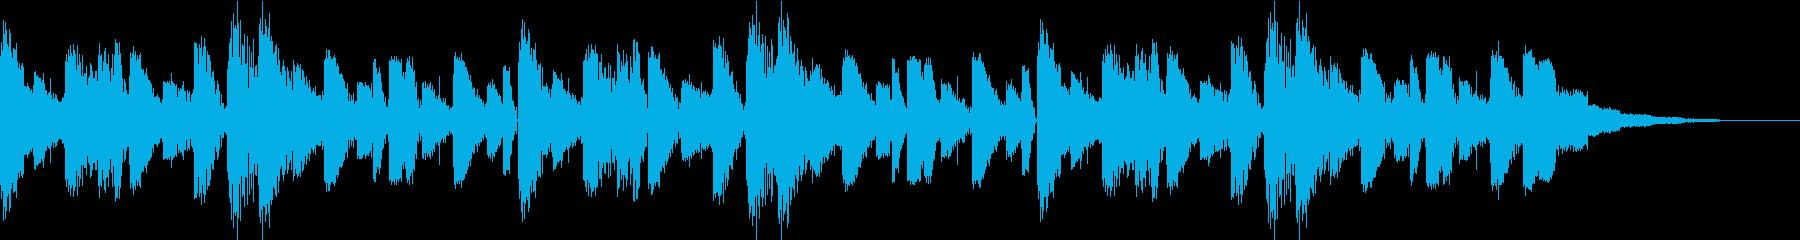 イントロBGMの再生済みの波形